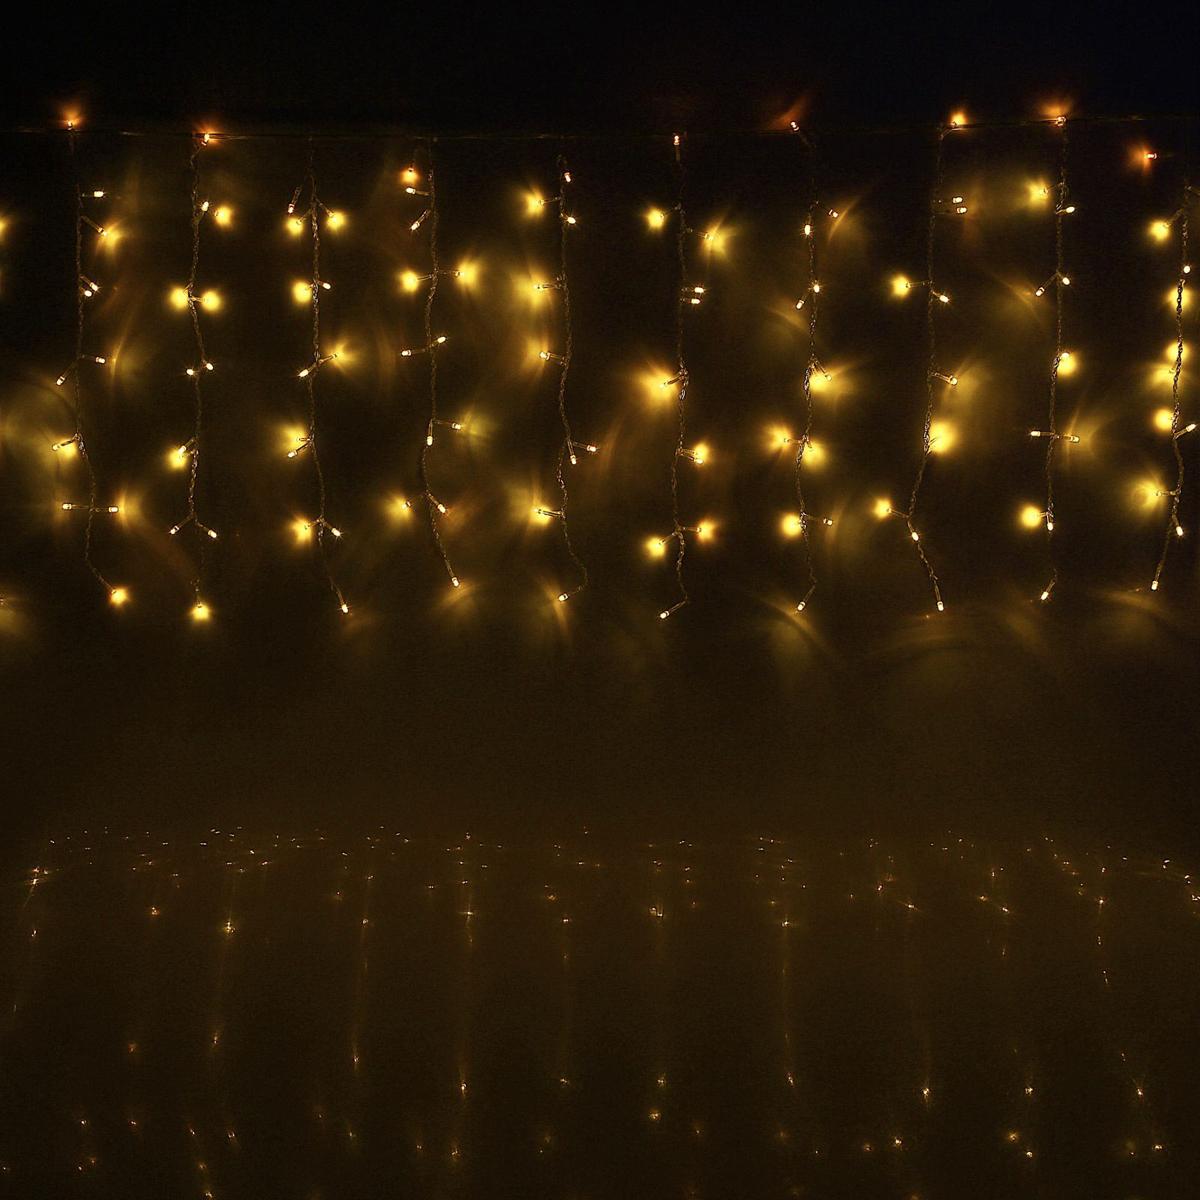 Гирлянда светодиодная Luazon Занавес, цвет: желтый, 180 ламп, 8 режимов, 220 V, 1,5 х 1 м. 10804571080457Светодиодные гирлянды и ленты — это отличный вариант для новогоднего оформления интерьера или фасада. С их помощью помещение любого размера можно превратить в праздничный зал, а внешние элементы зданий, украшенные ими, мгновенно станут напоминать очертания сказочного дворца. Такие украшения создают ауру предвкушения чуда. Деревья, фасады, витрины, окна и арки будто специально созданы, чтобы вы украсили их светящимися нитями.